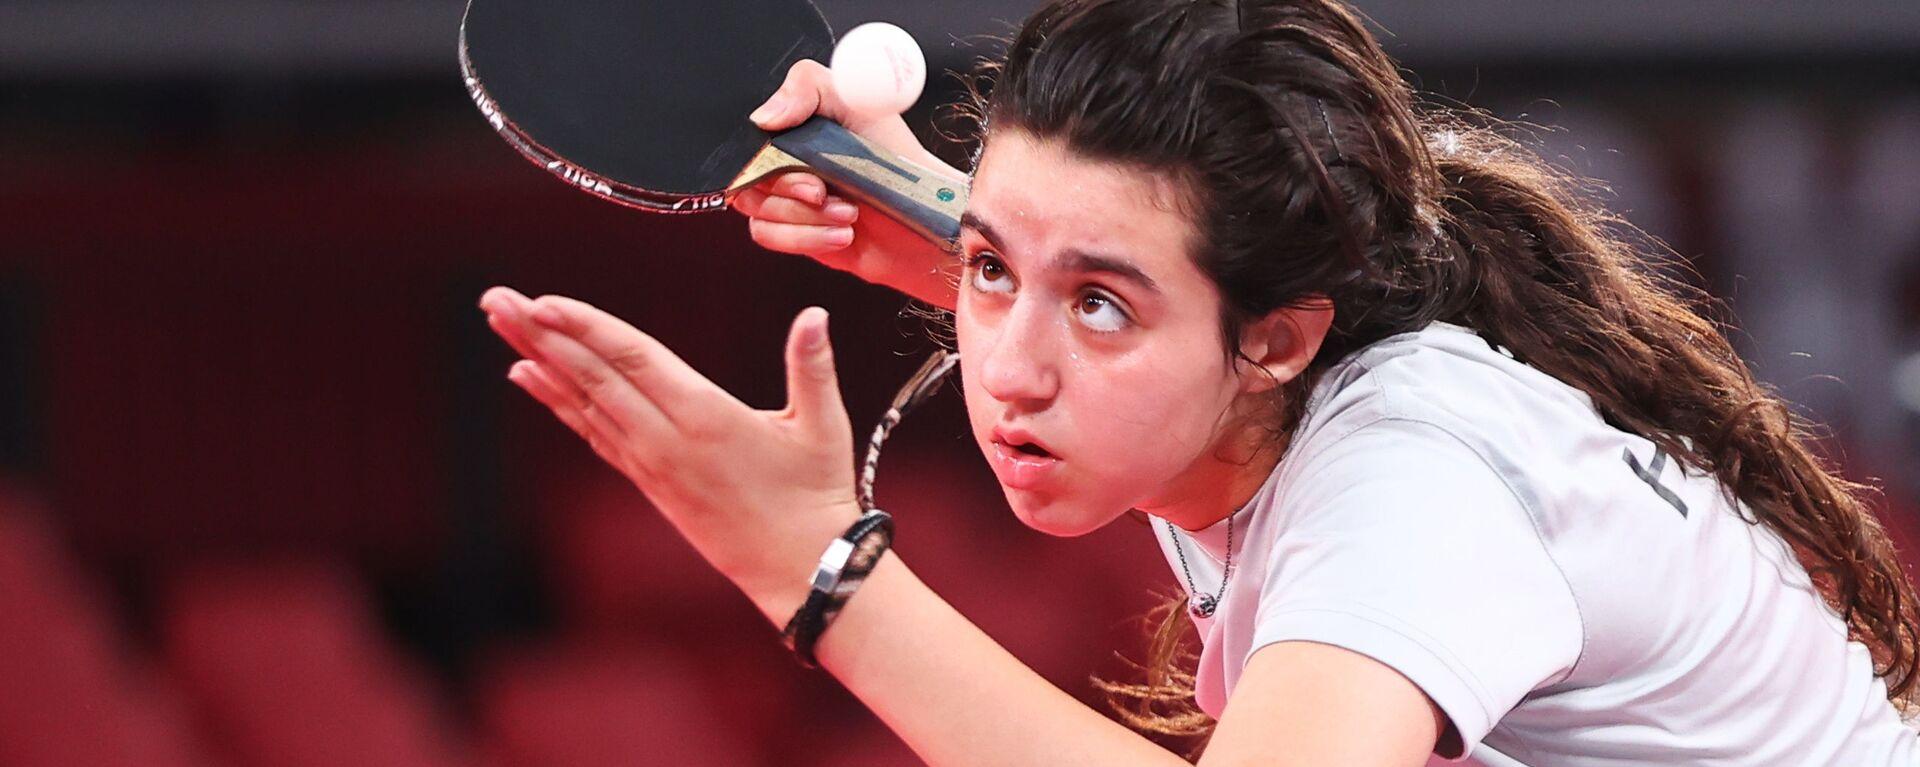 Сирийский игрок в настольный теннис Хенд Заза - Sputnik Mundo, 1920, 27.07.2021